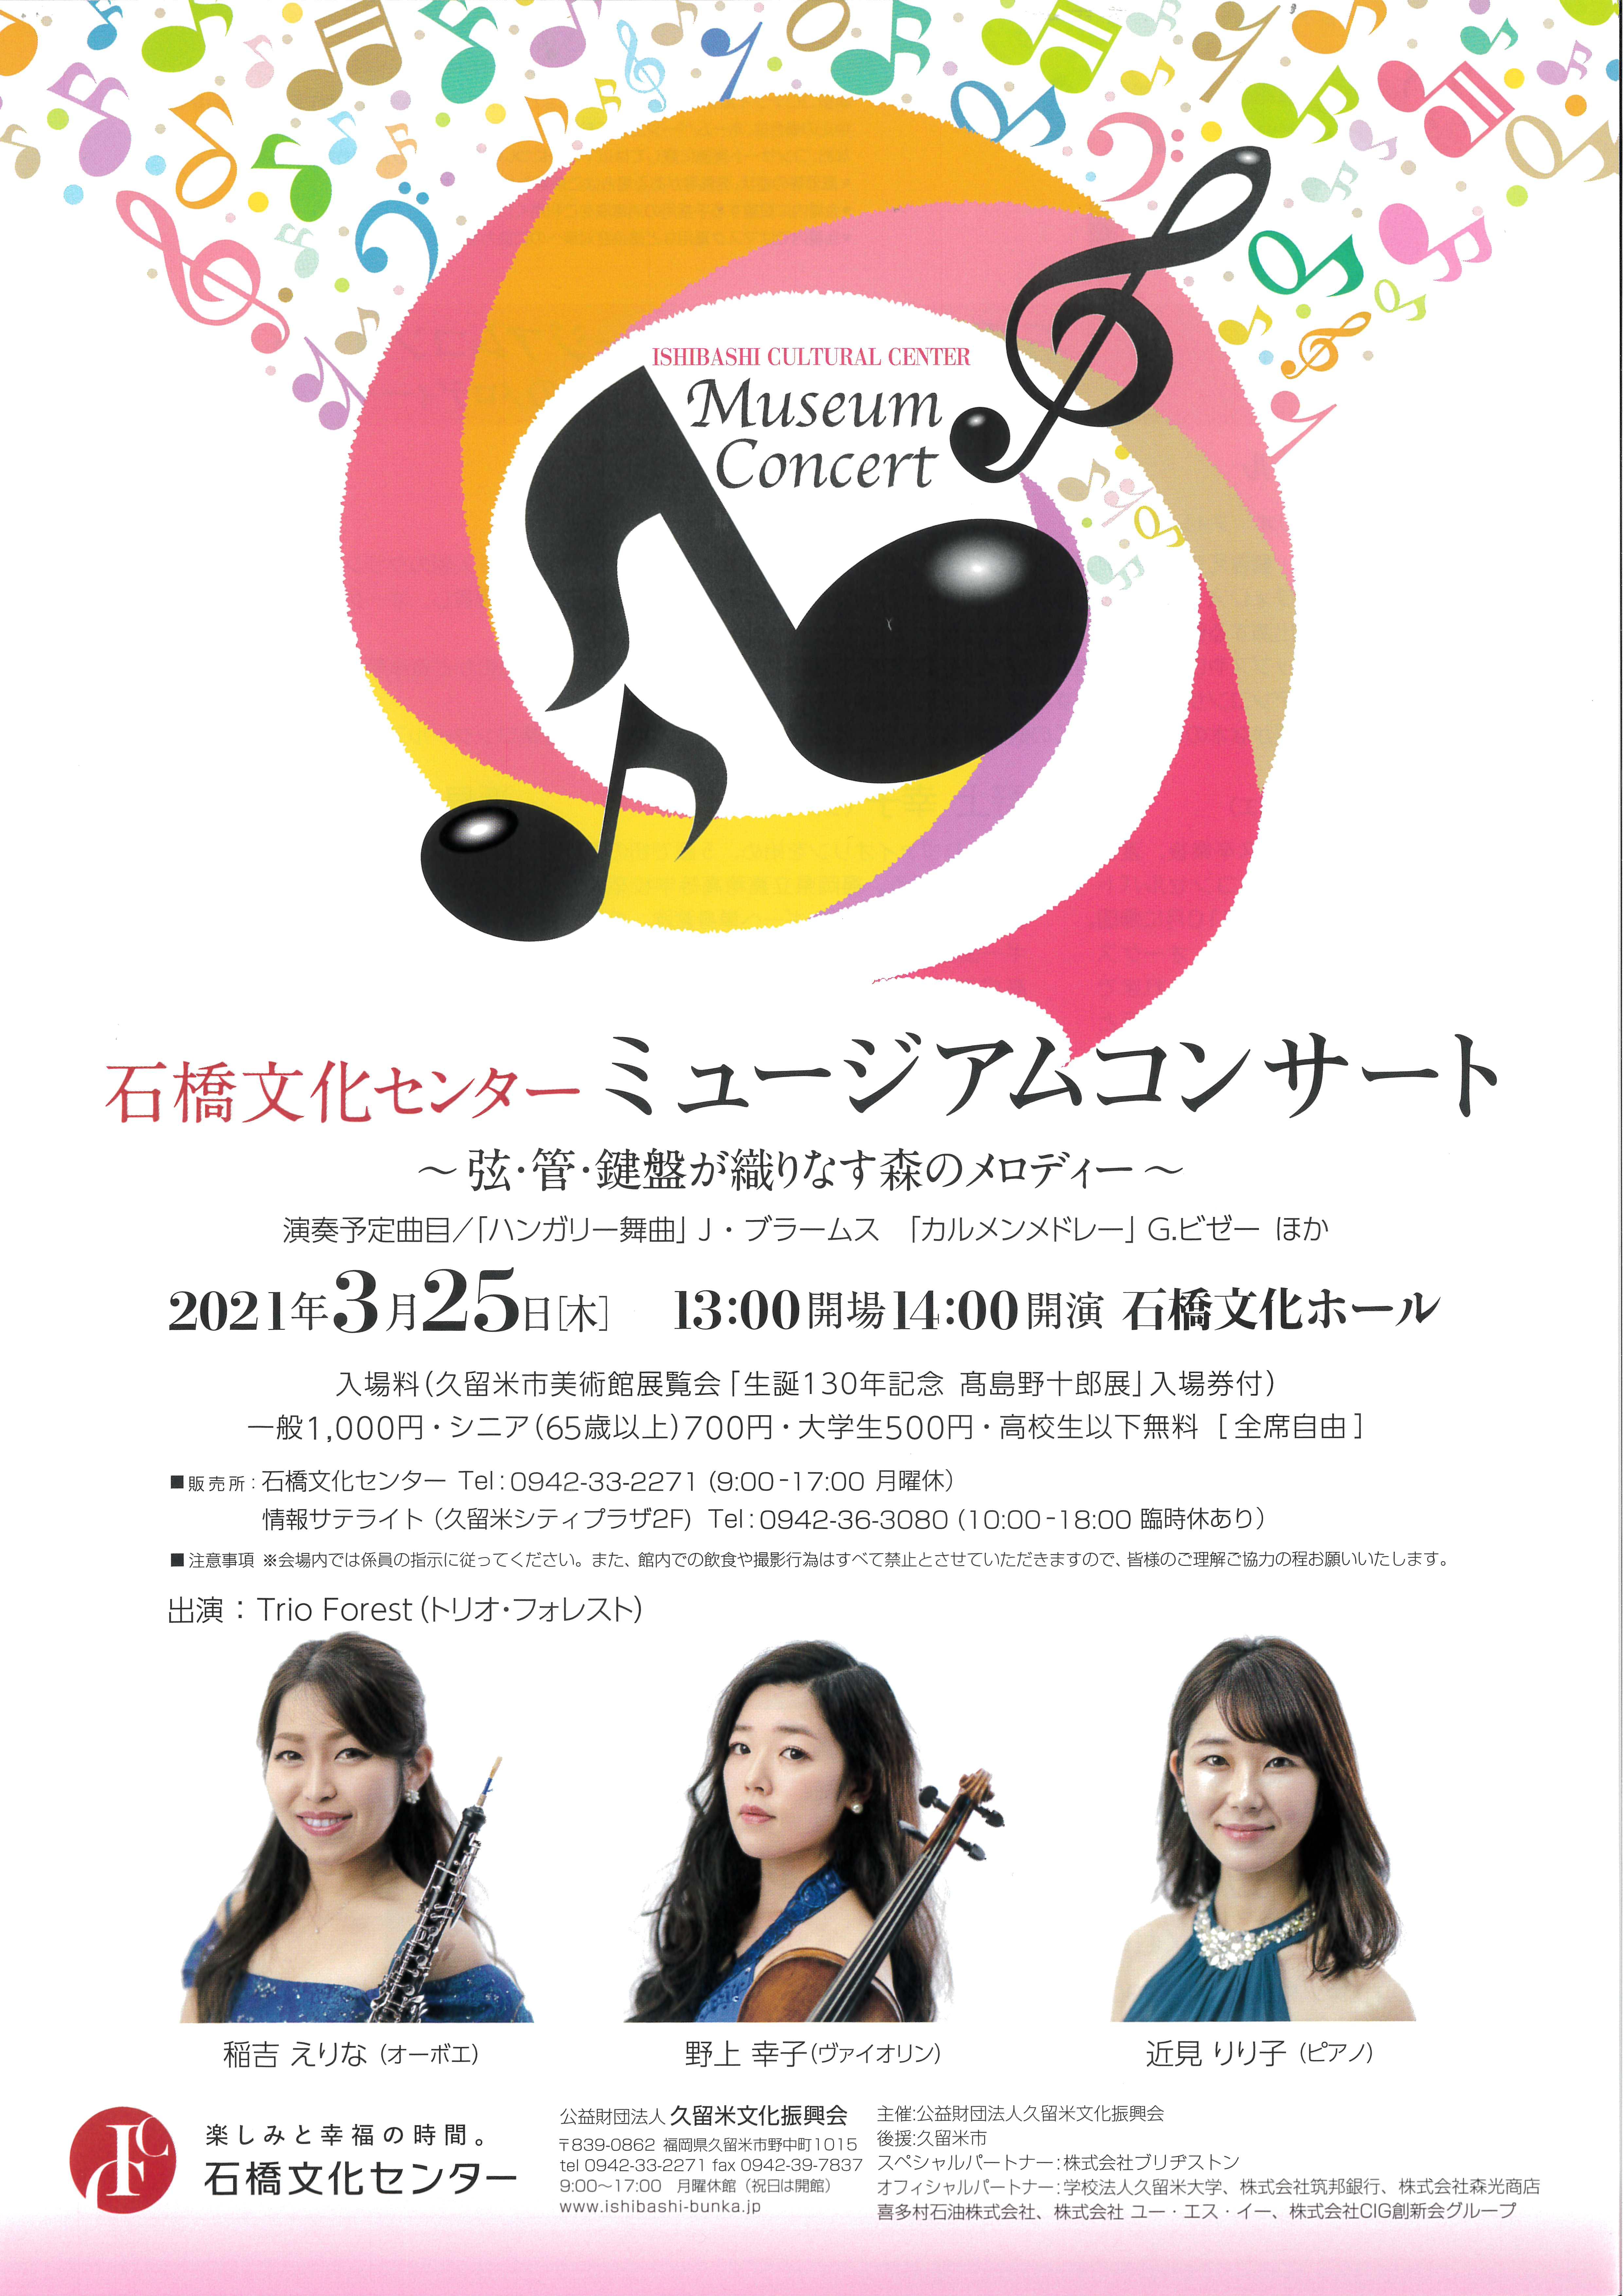 ミュージアムコンサート~弦・管・鍵盤が織りなす森のメロディー~